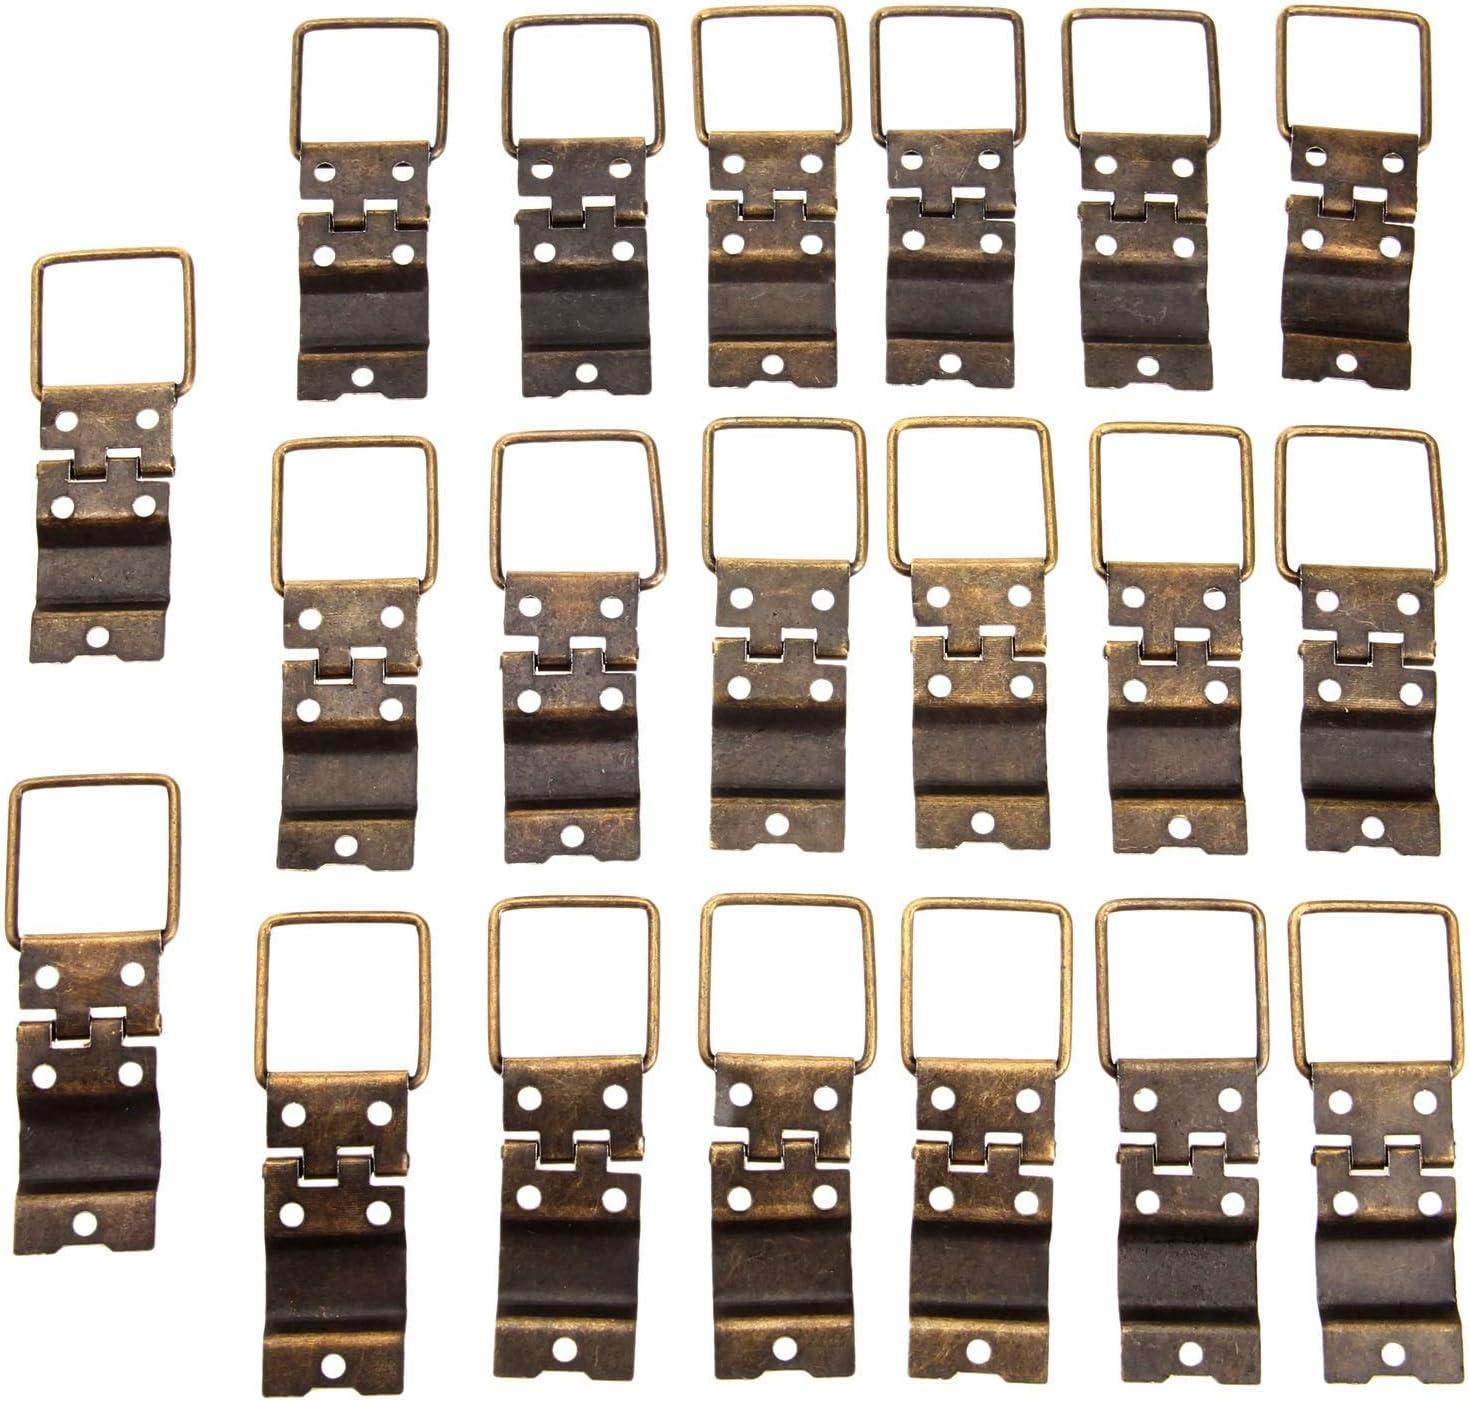 QFDM Cabinet Max 53% OFF Hinges 20Pcs Antique Bronze Max 54% OFF Furnitur